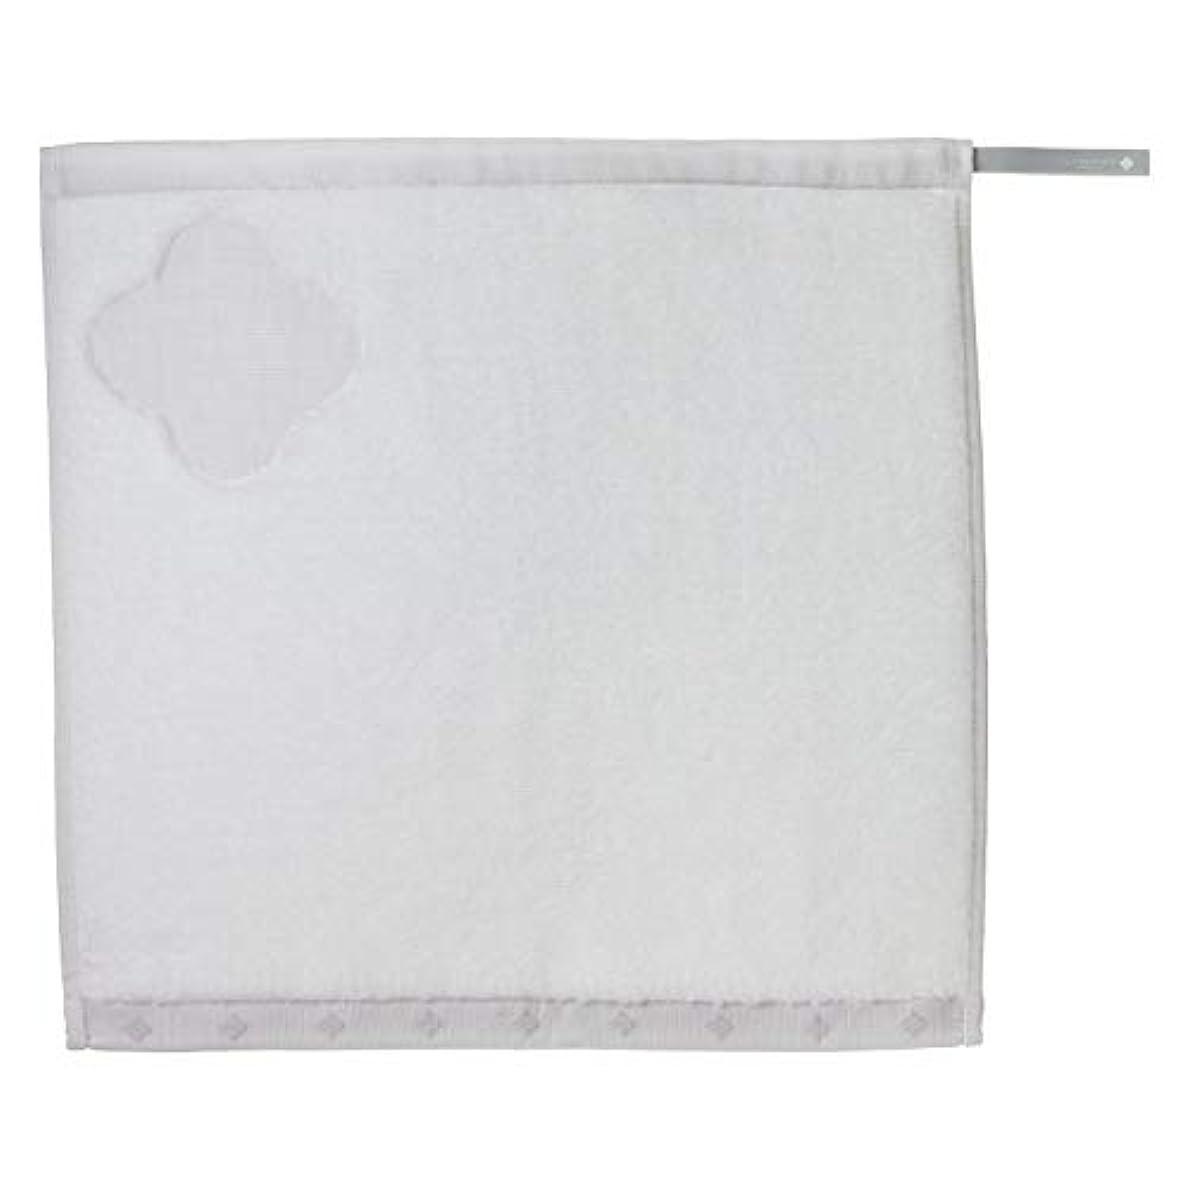 確認する株式佐賀KOBAKO(コバコ) スチーム洗顔タオル